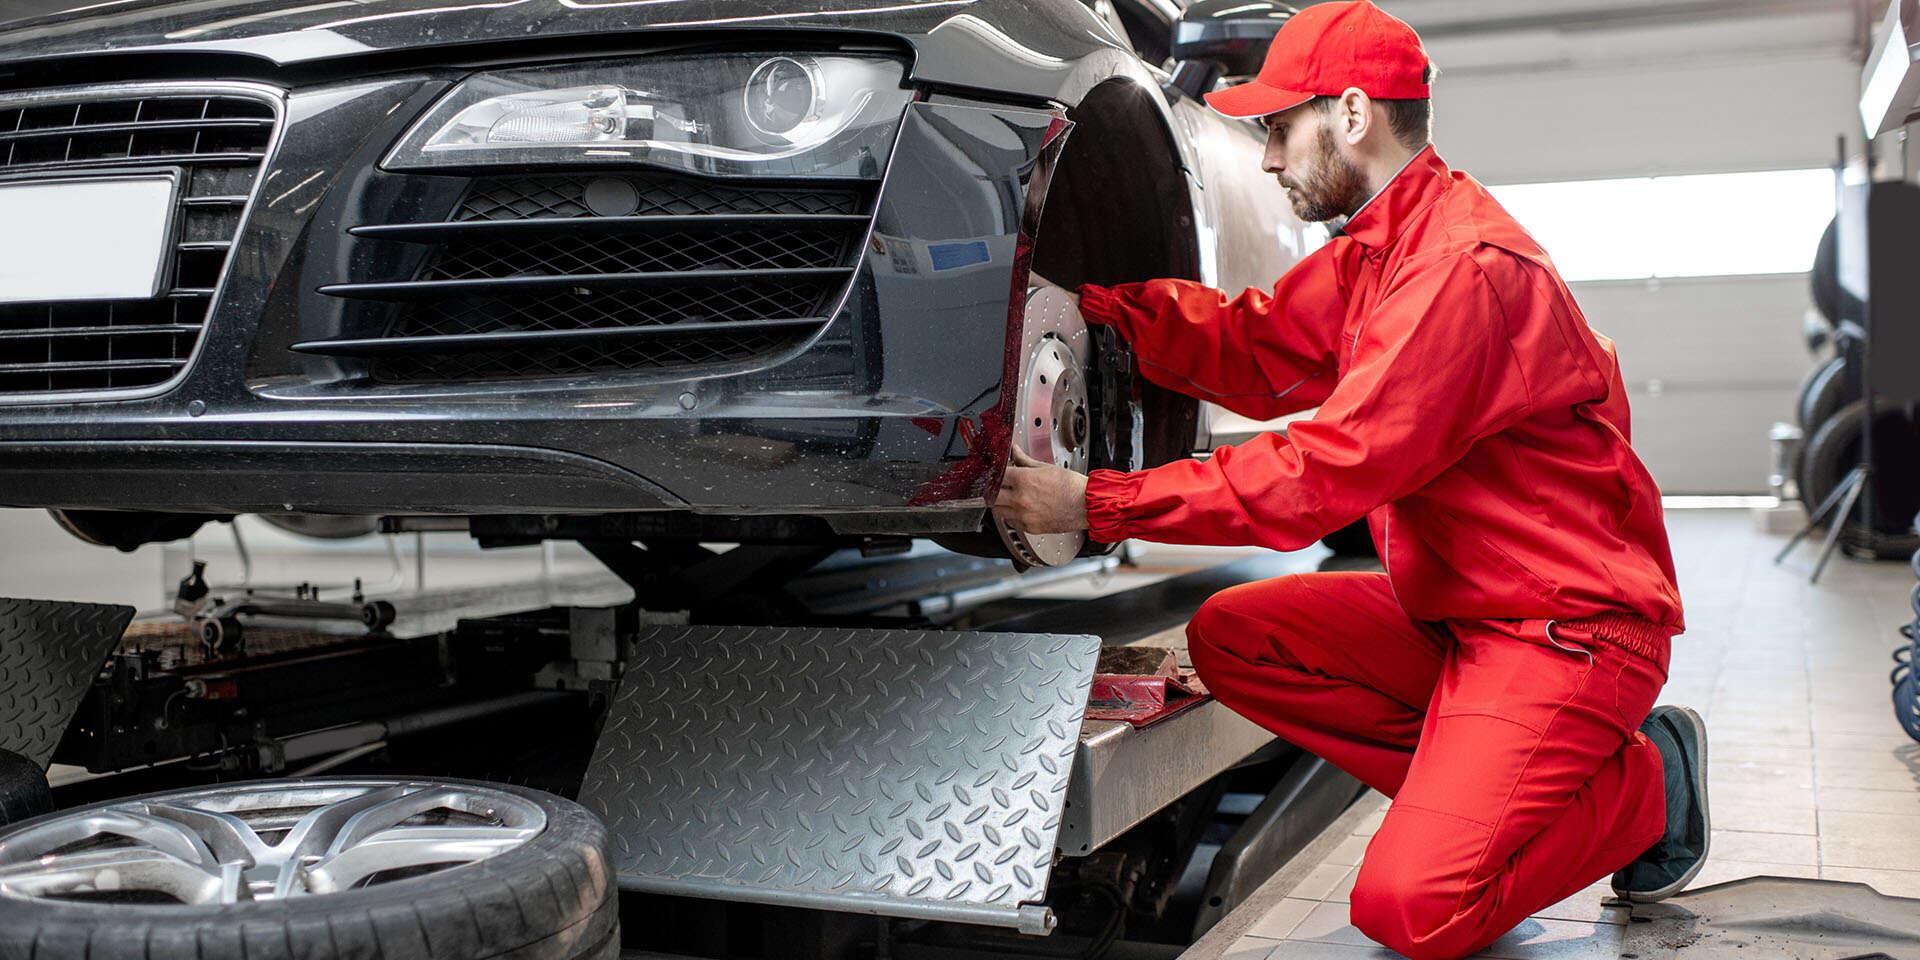 Kompletné prezutie pneumatík s dlhou otváracou dobou